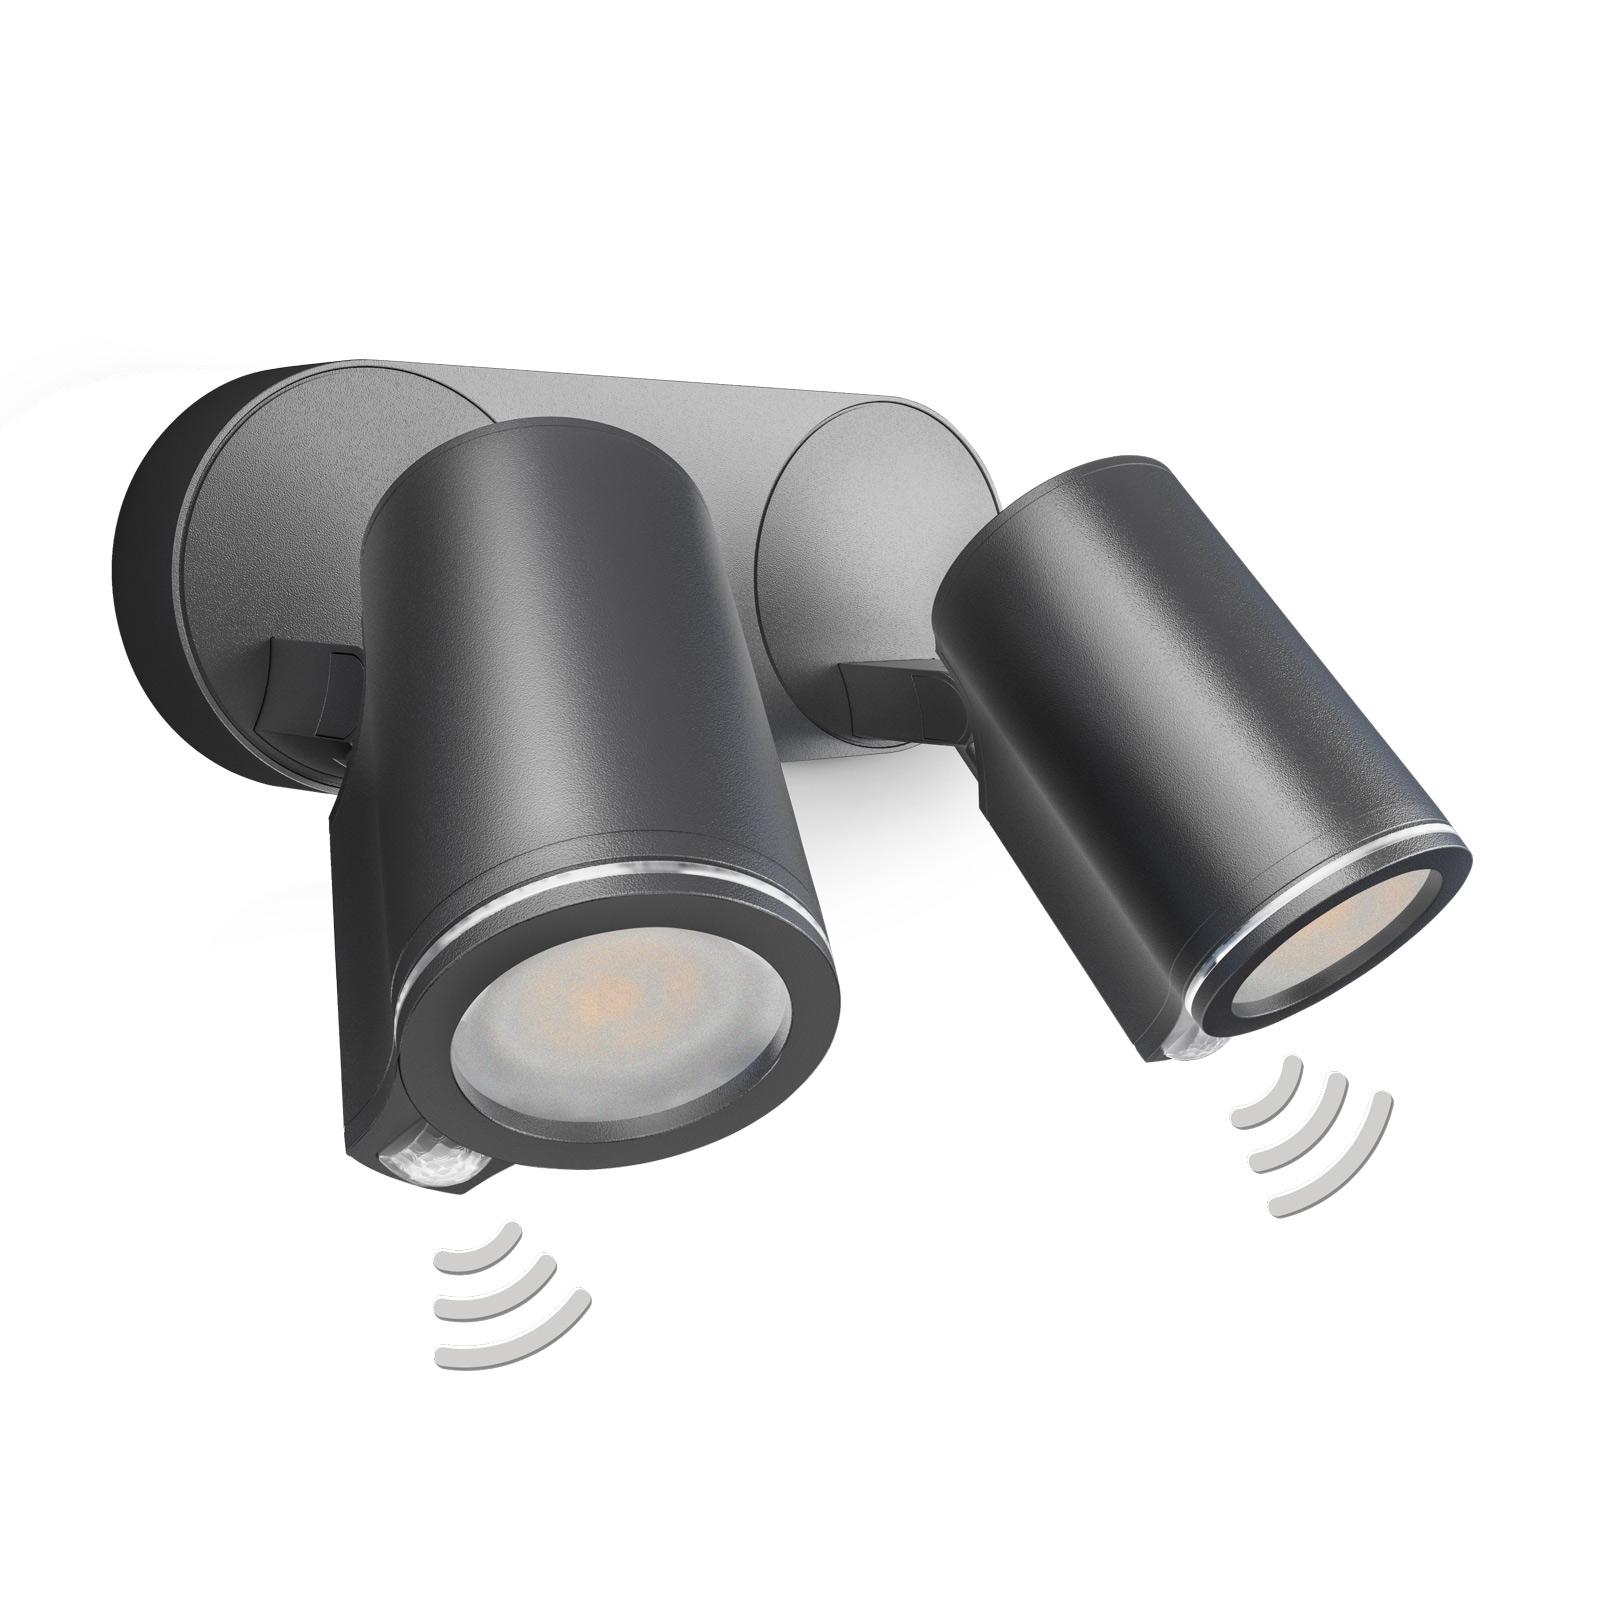 STEINEL Spot Duo Sensor LED-spotlight 2 lyskilder